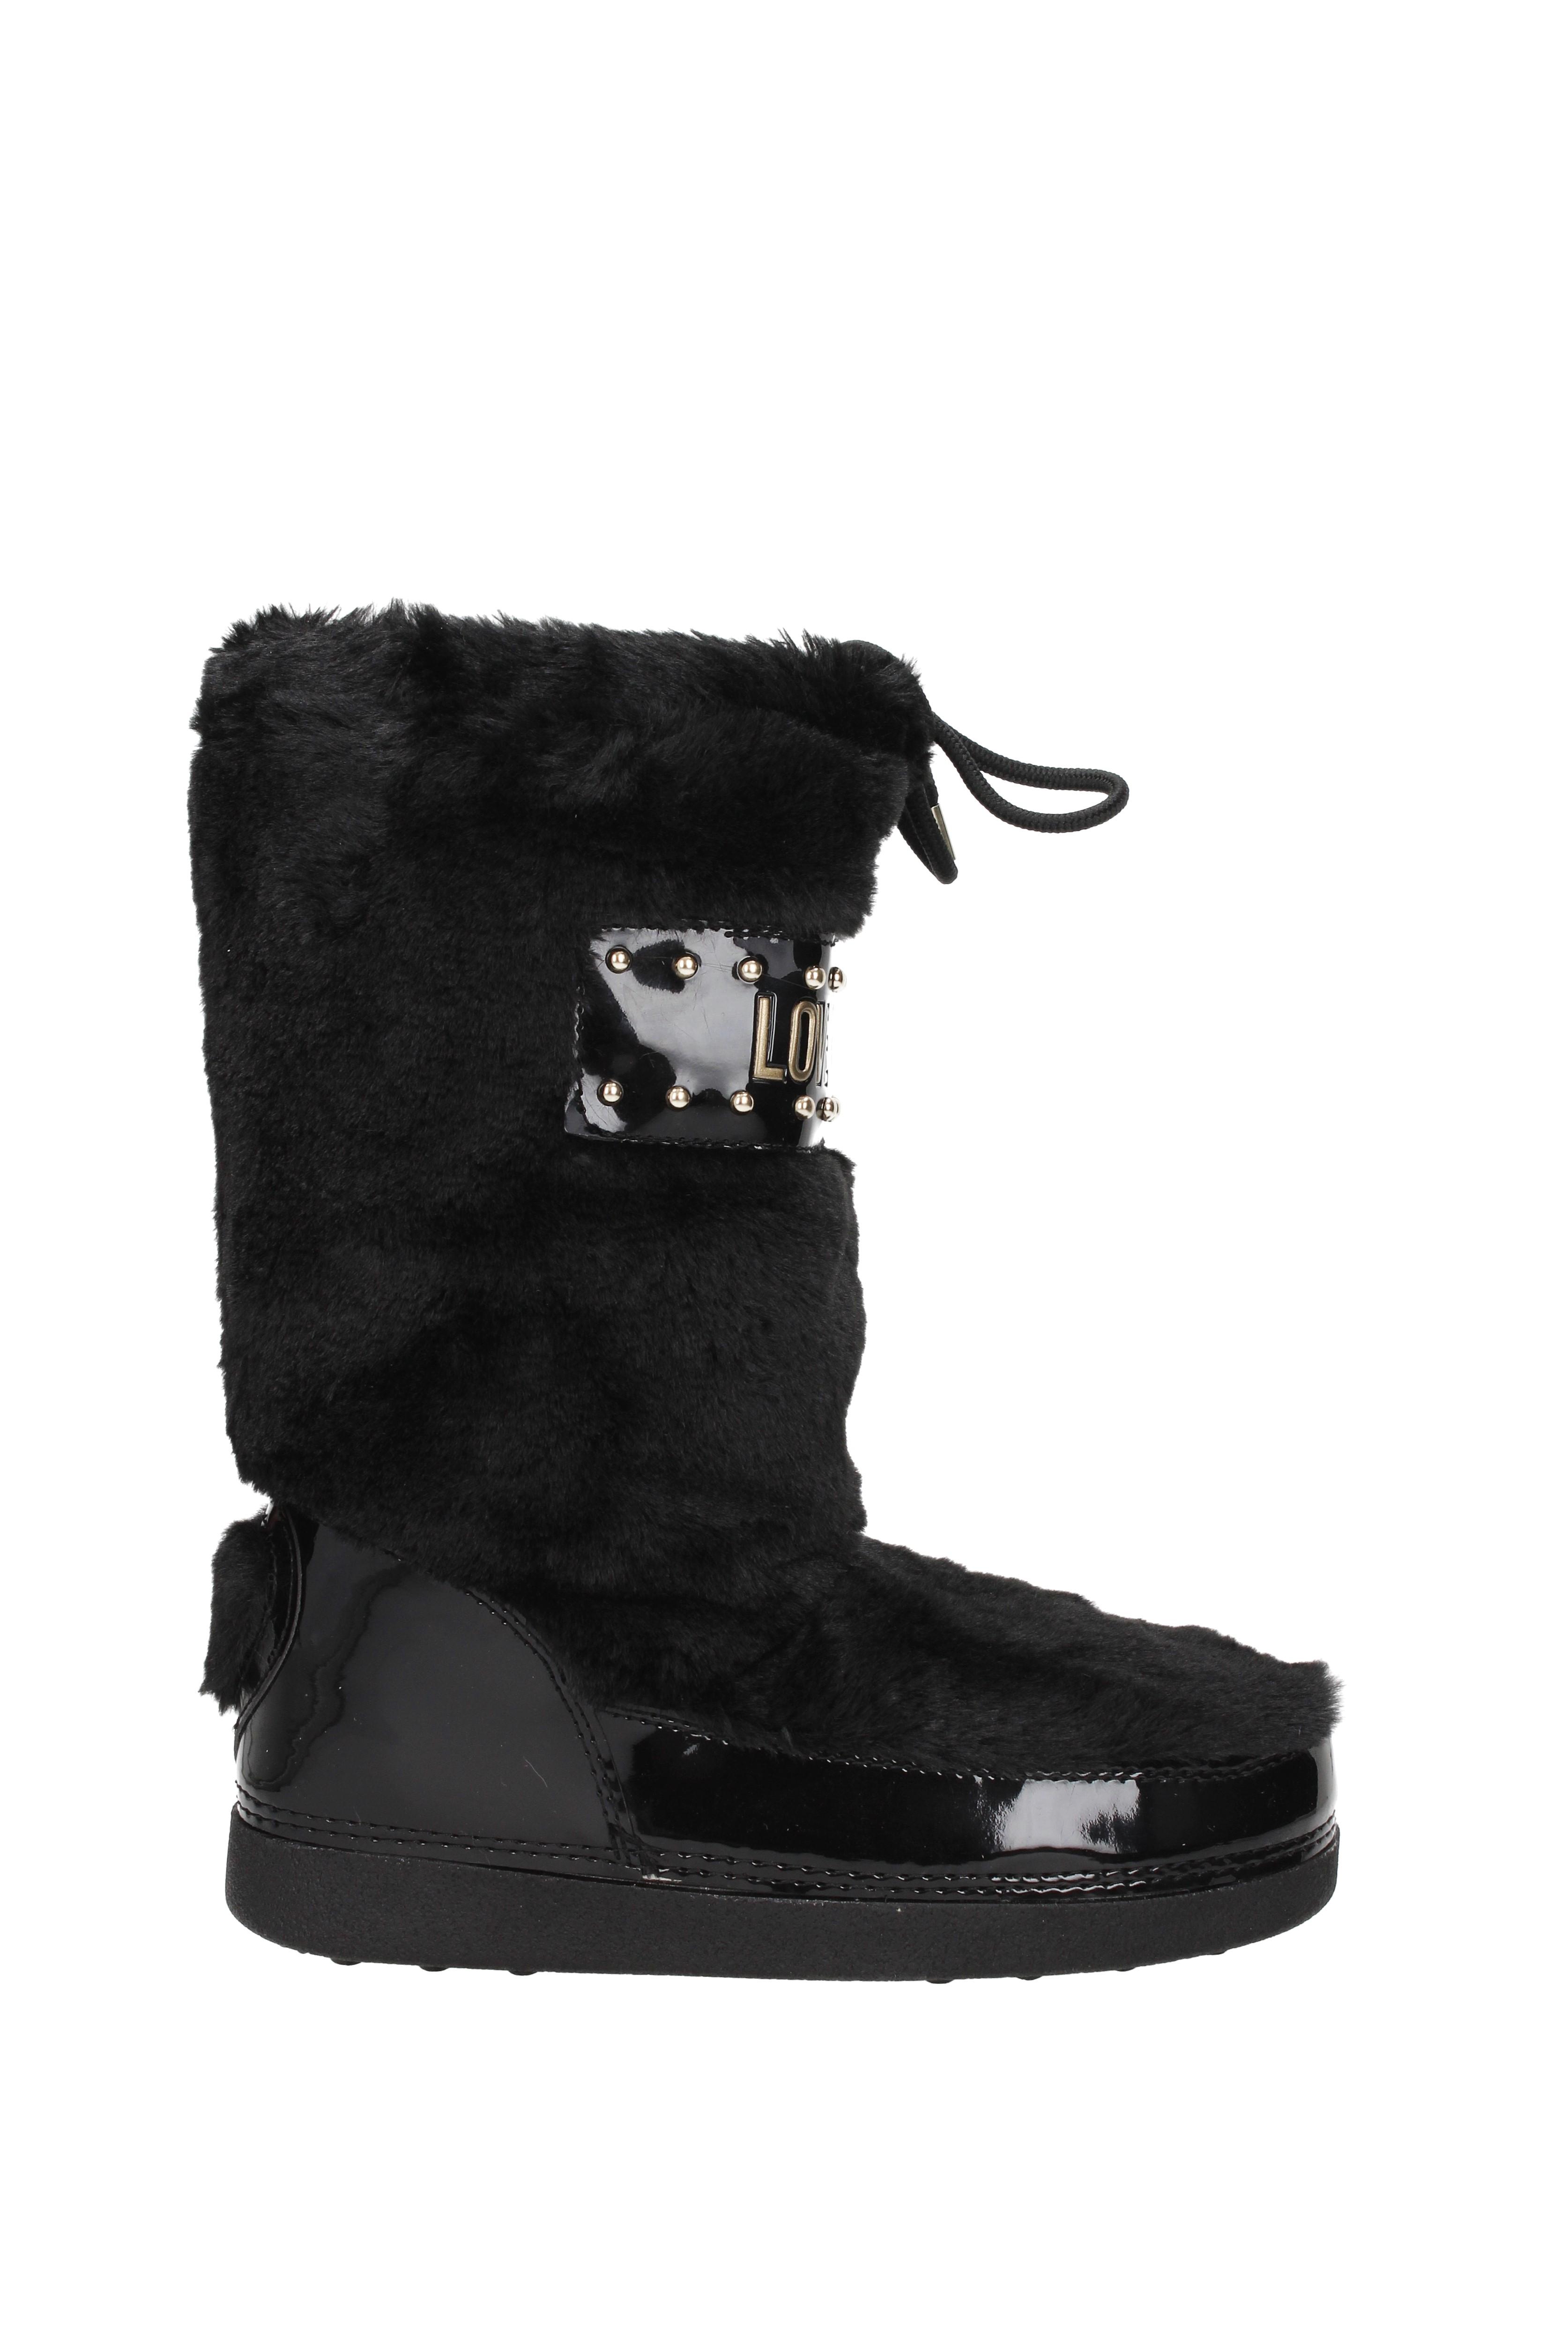 Stiefel Love Moschino Damen - (JA24052G06JS) Stoff (JA24052G06JS) - ea5d83